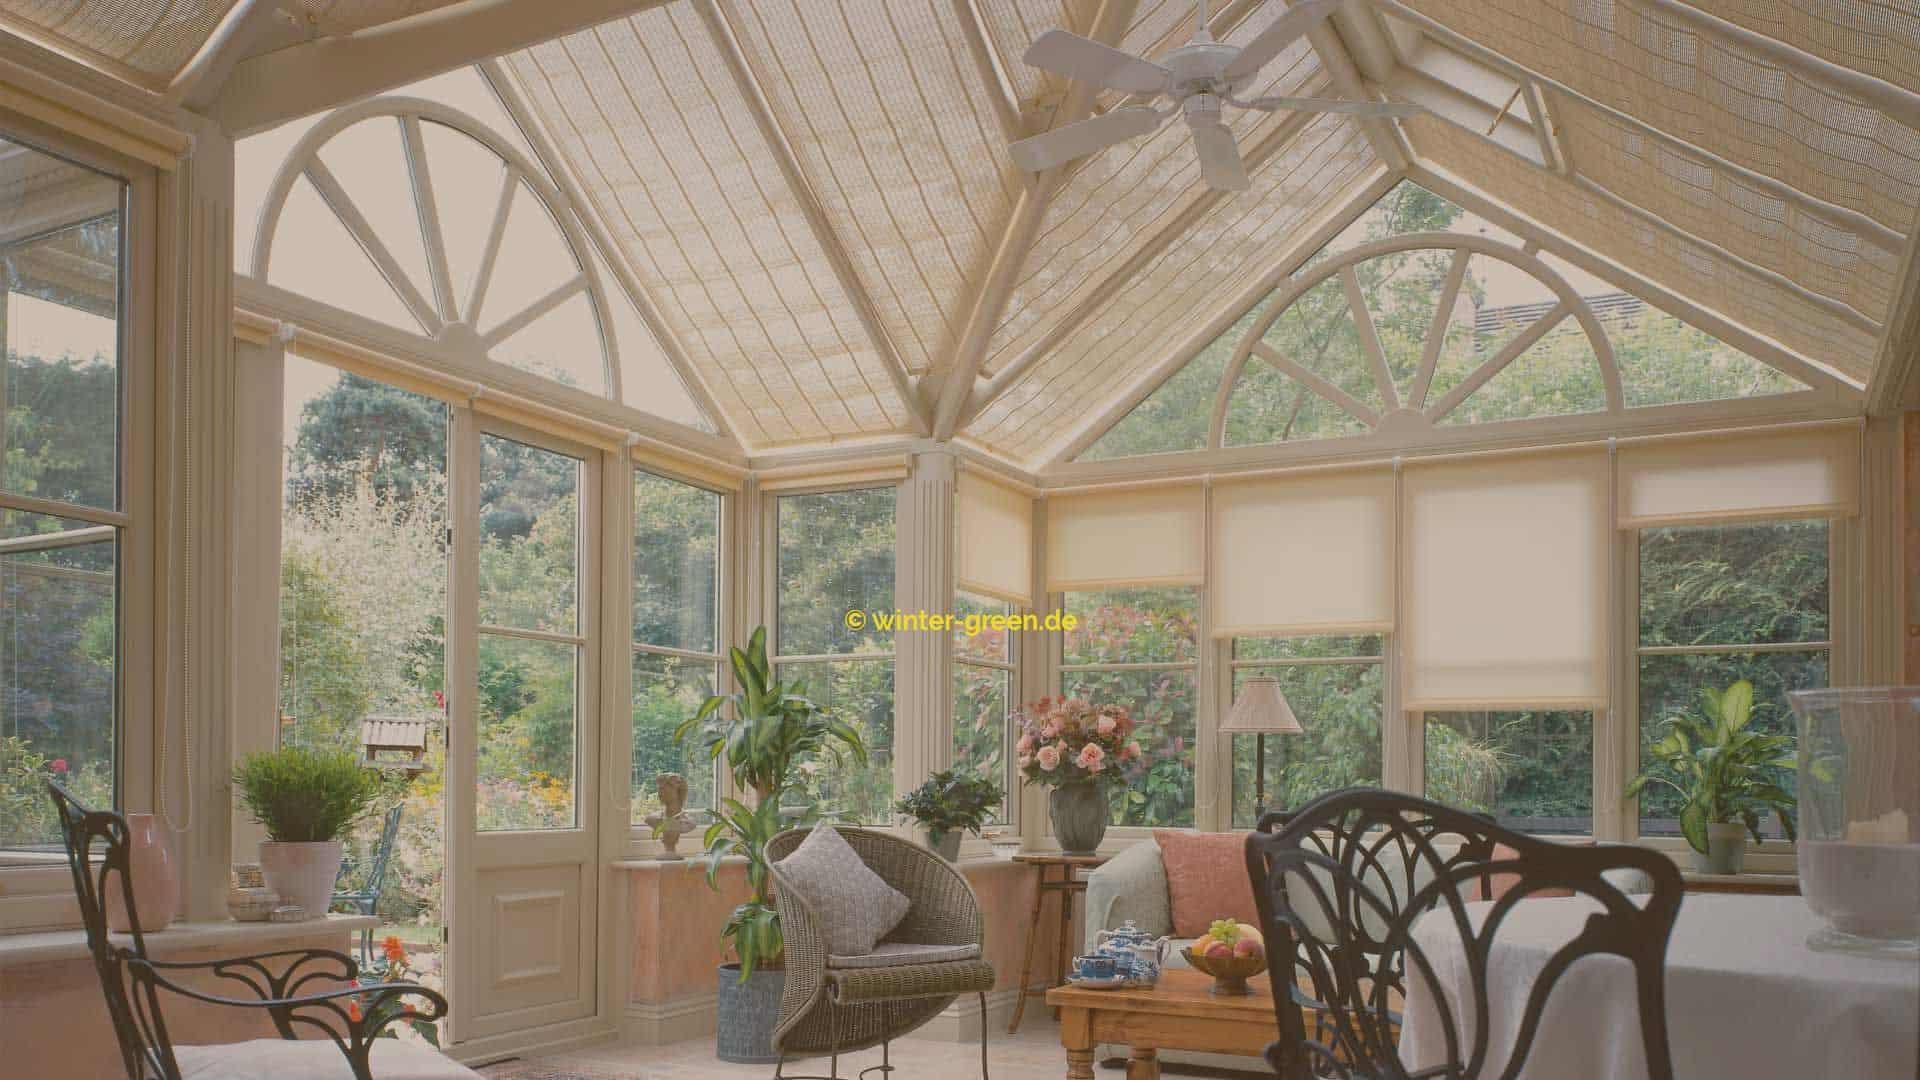 Innenraum englischer / viktorianischer Wintergarten